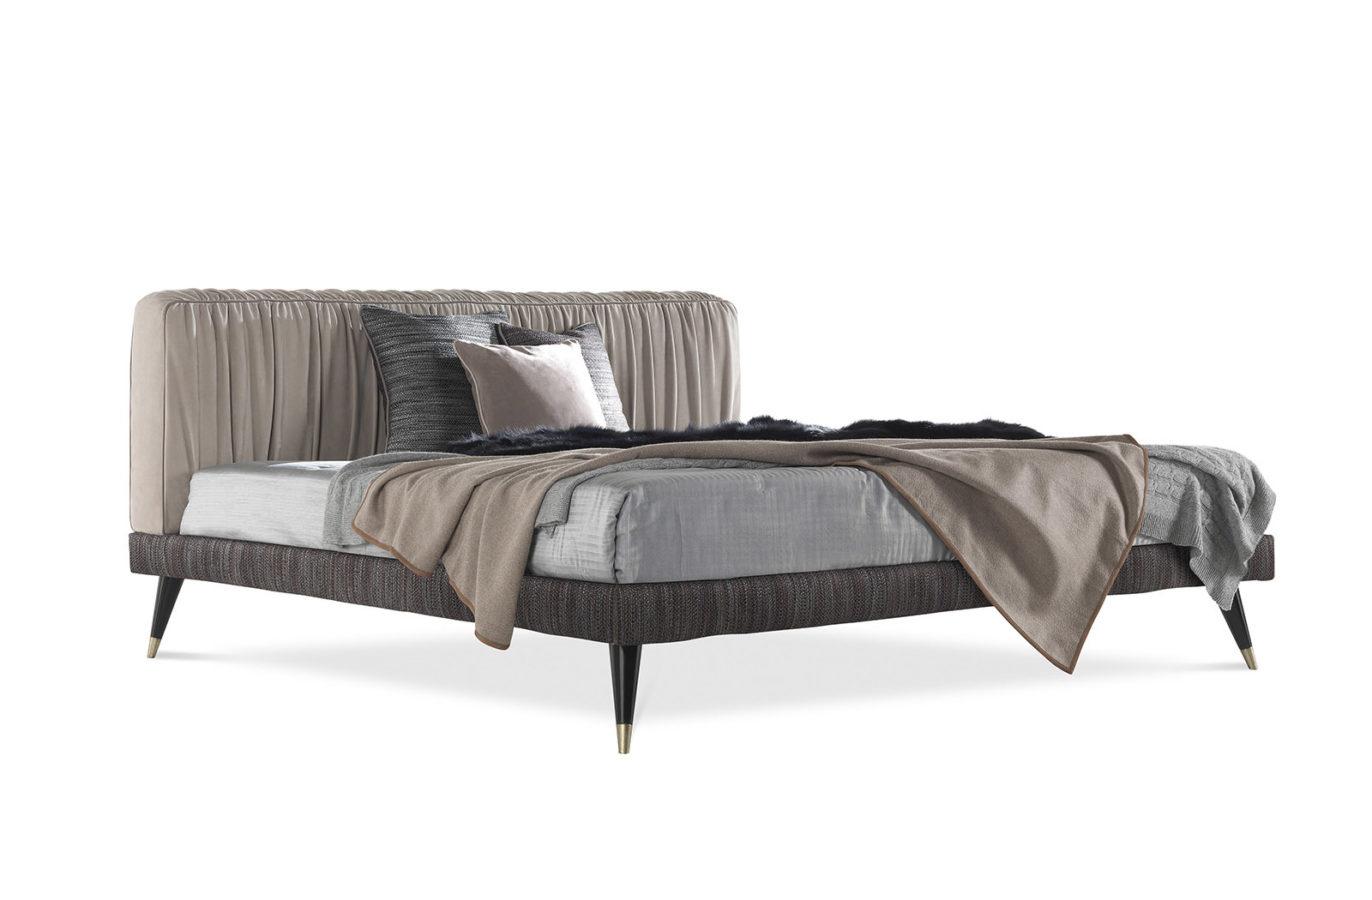 Highlander Bed 2